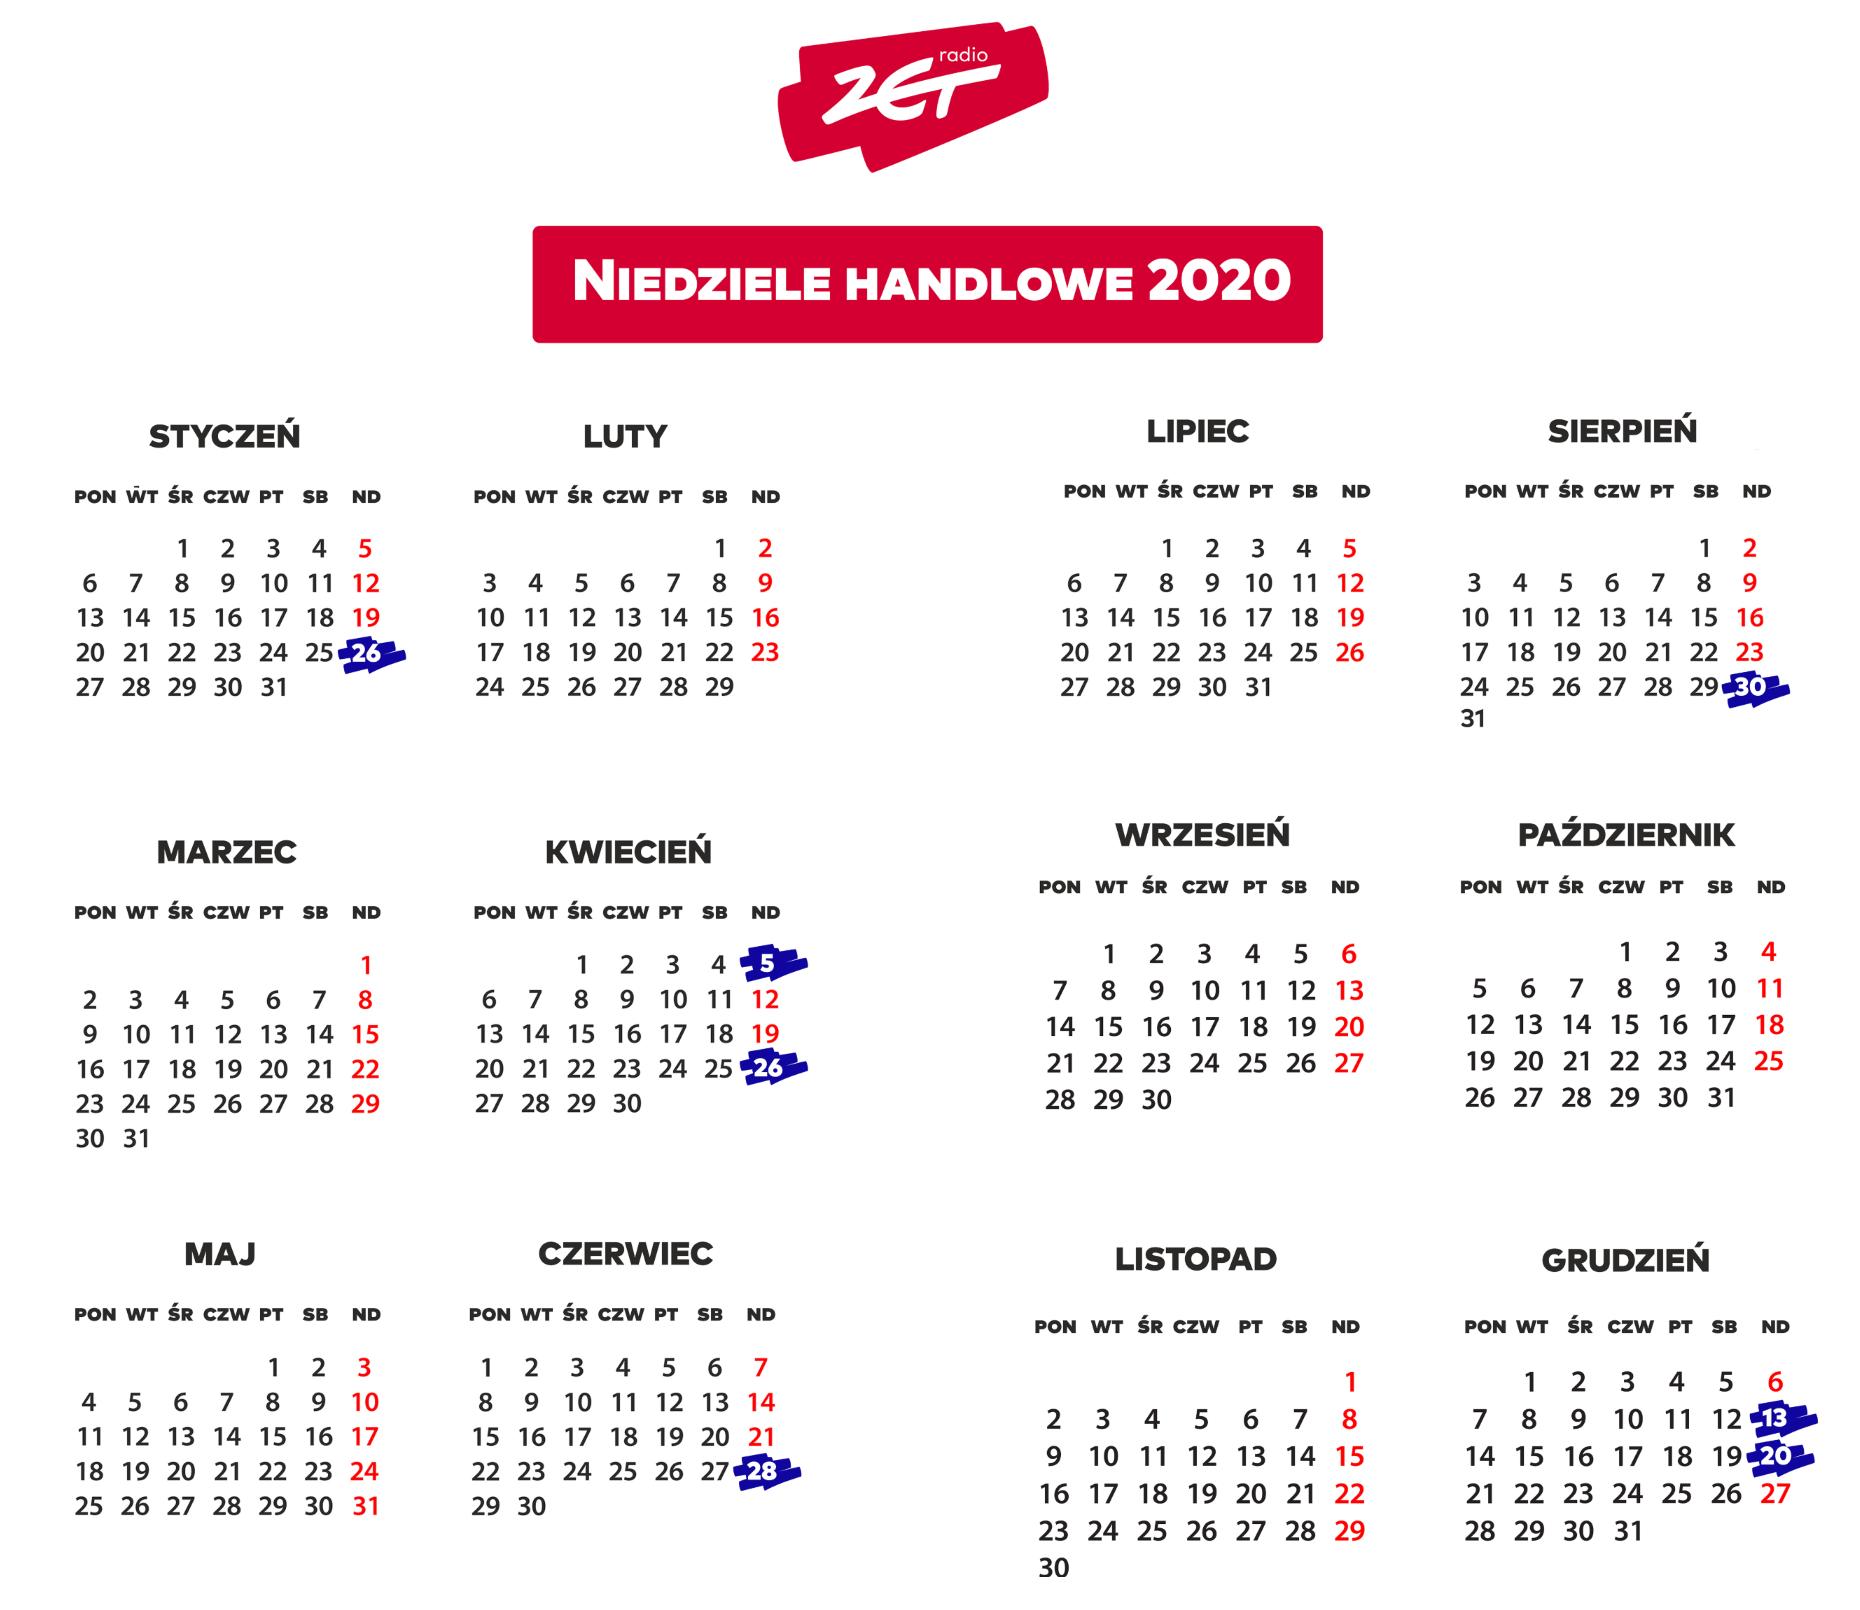 kalendarz-niedziele-handlowe-1